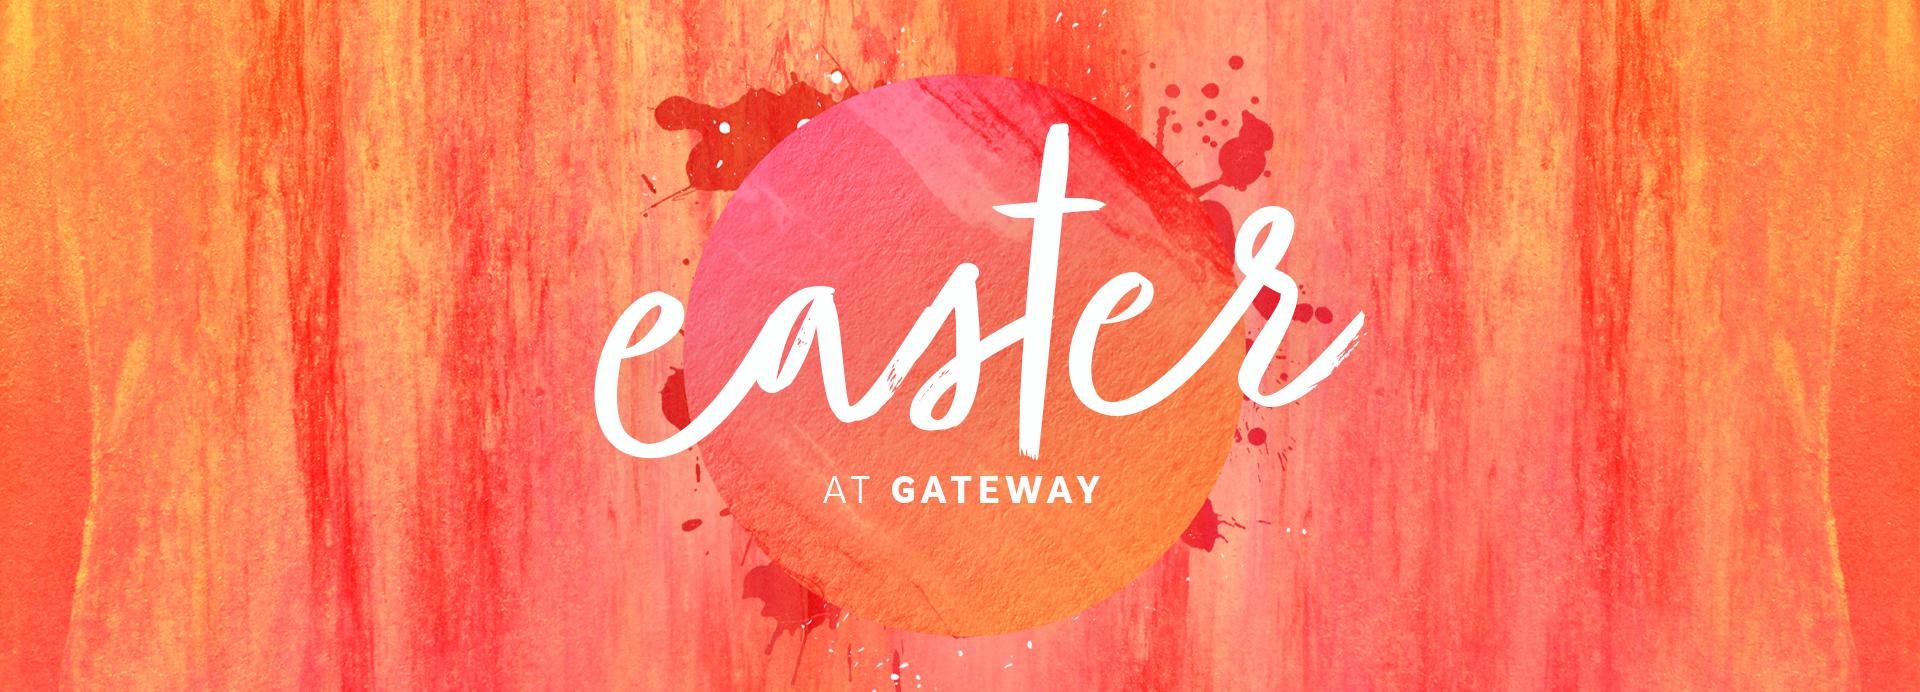 Orange_Easter_banner.jpg